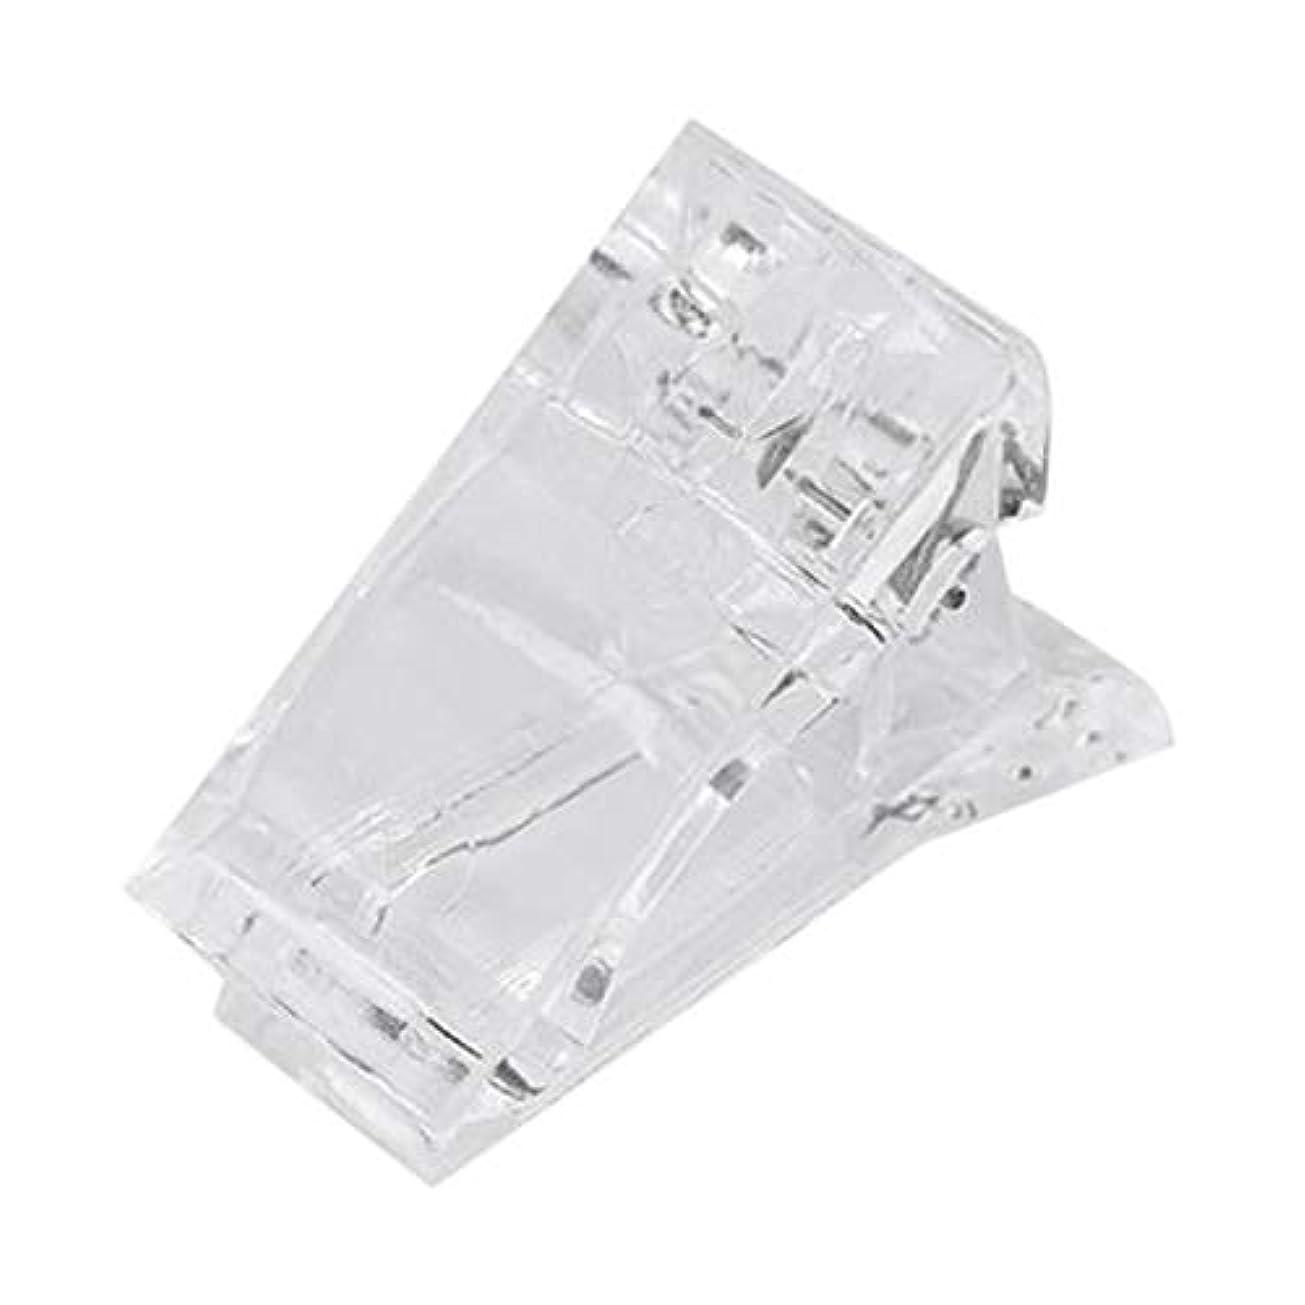 メイエラ後方にスクランブルVaorwne ネイルのクリップ 透明指ポリクイック ビルディングジェルエクステンション ネイルアート マニキュアツール アクセサリー 偽ネイル